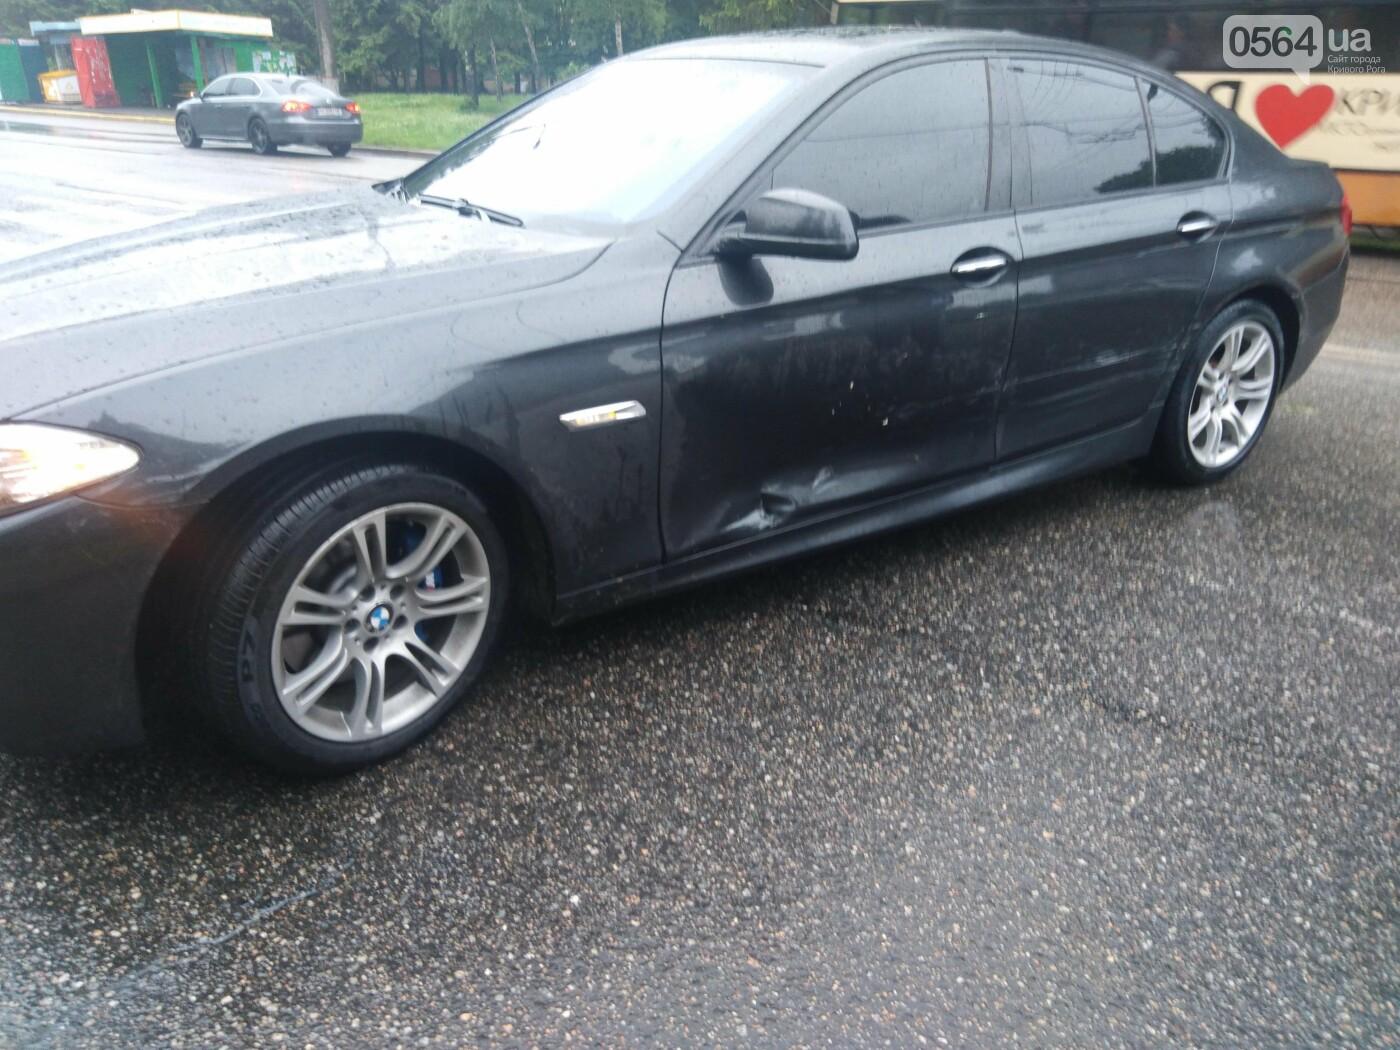 В Кривом Роге столкнулись BMW и Volkswagen, - ФОТО, фото-1